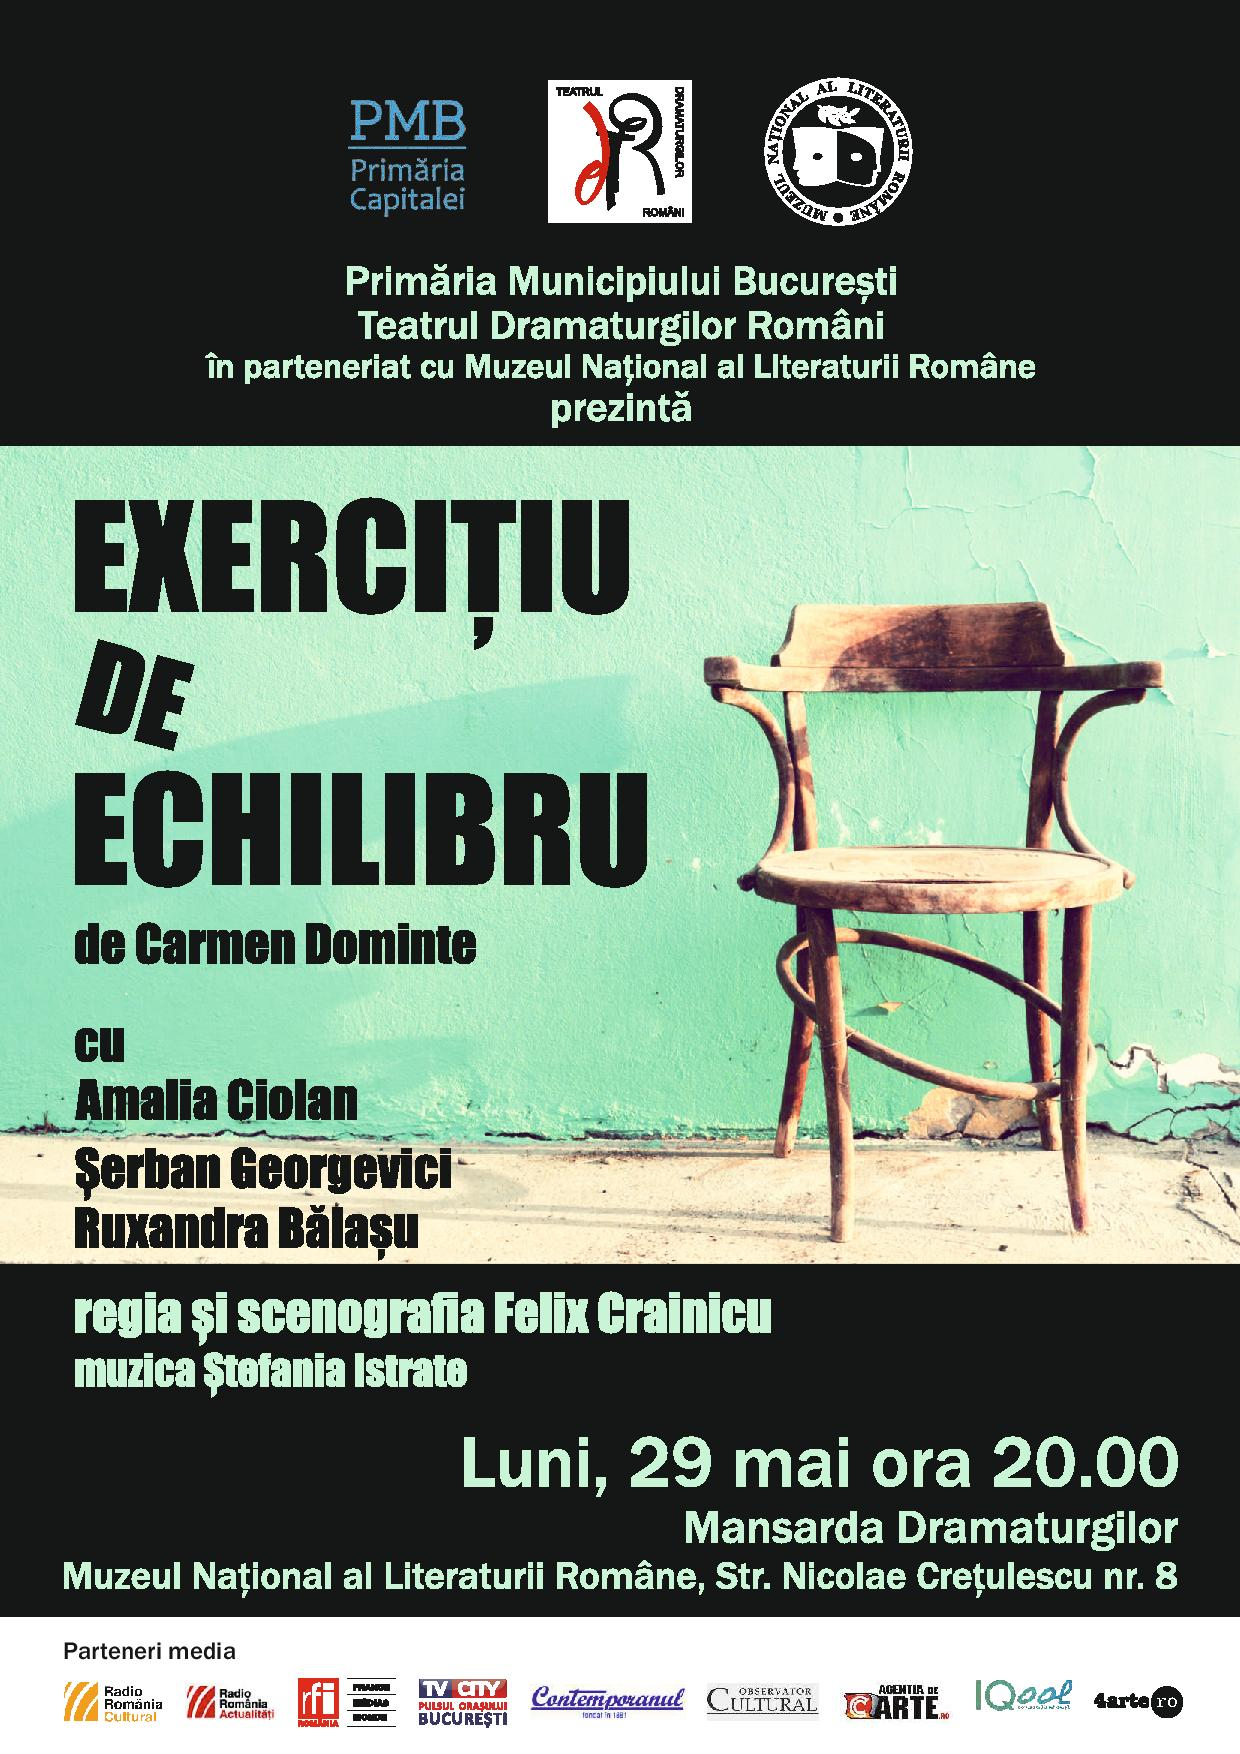 Exercitiu de echilibru_pt  ok-page-001